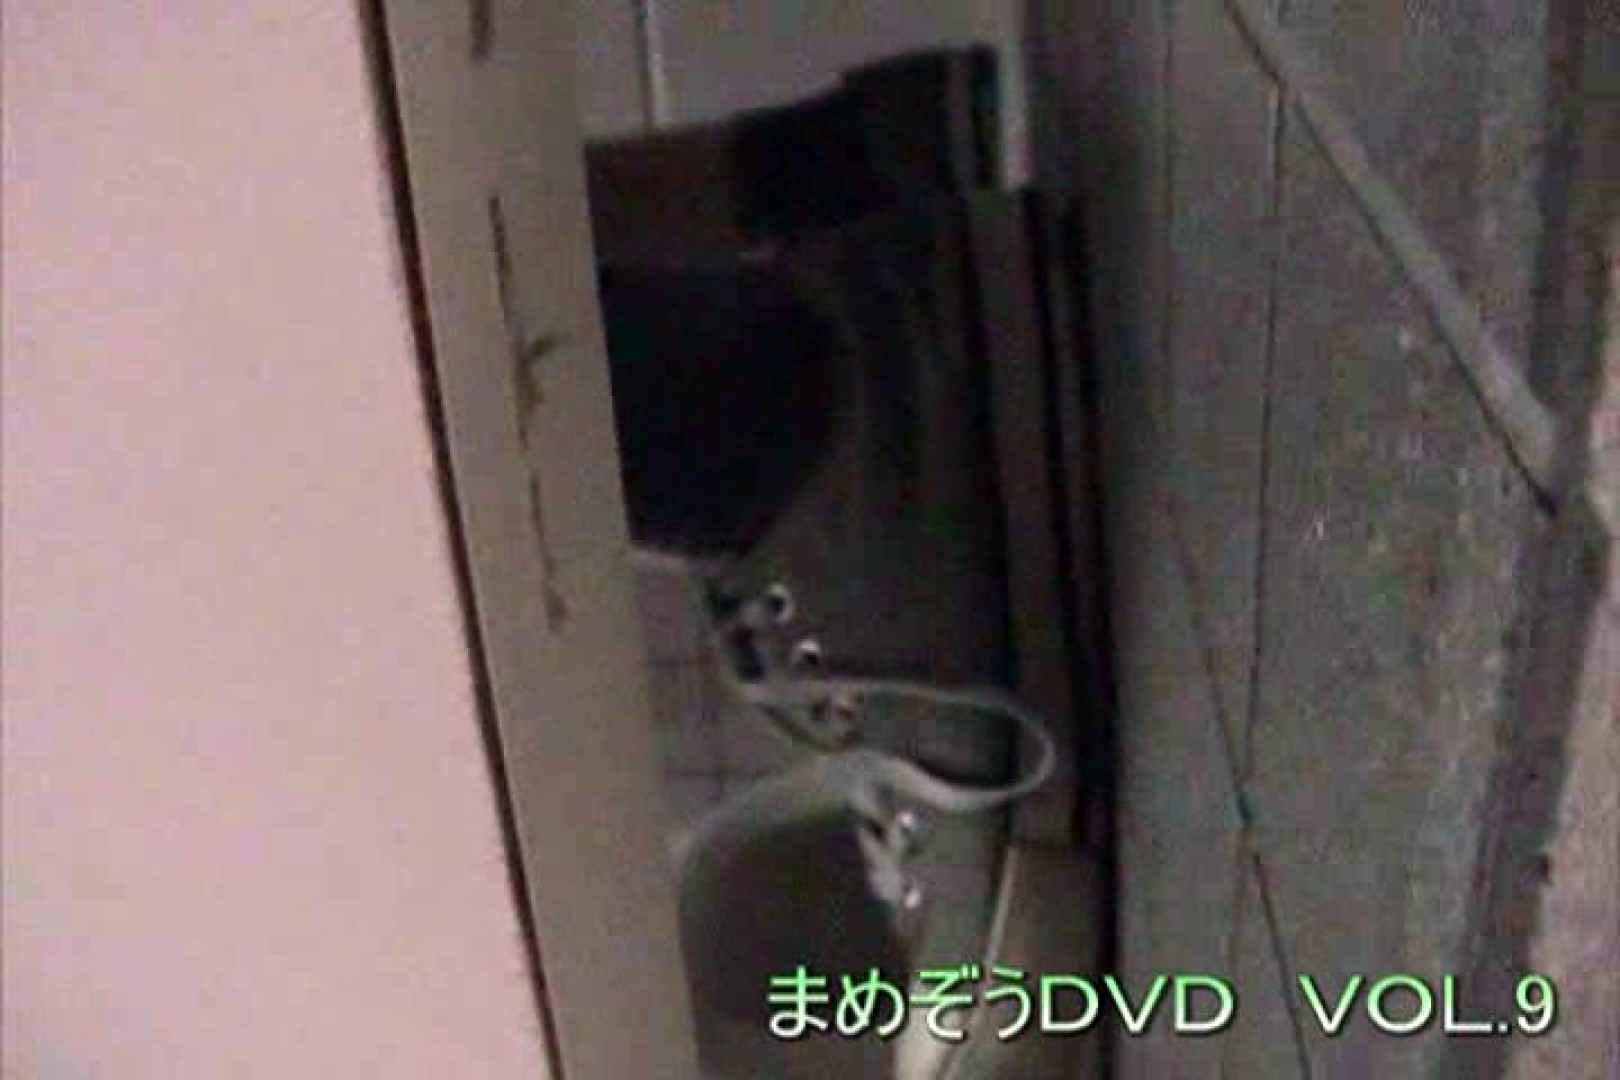 トイレ盗撮|まめぞうDVD完全版VOL.9|怪盗ジョーカー